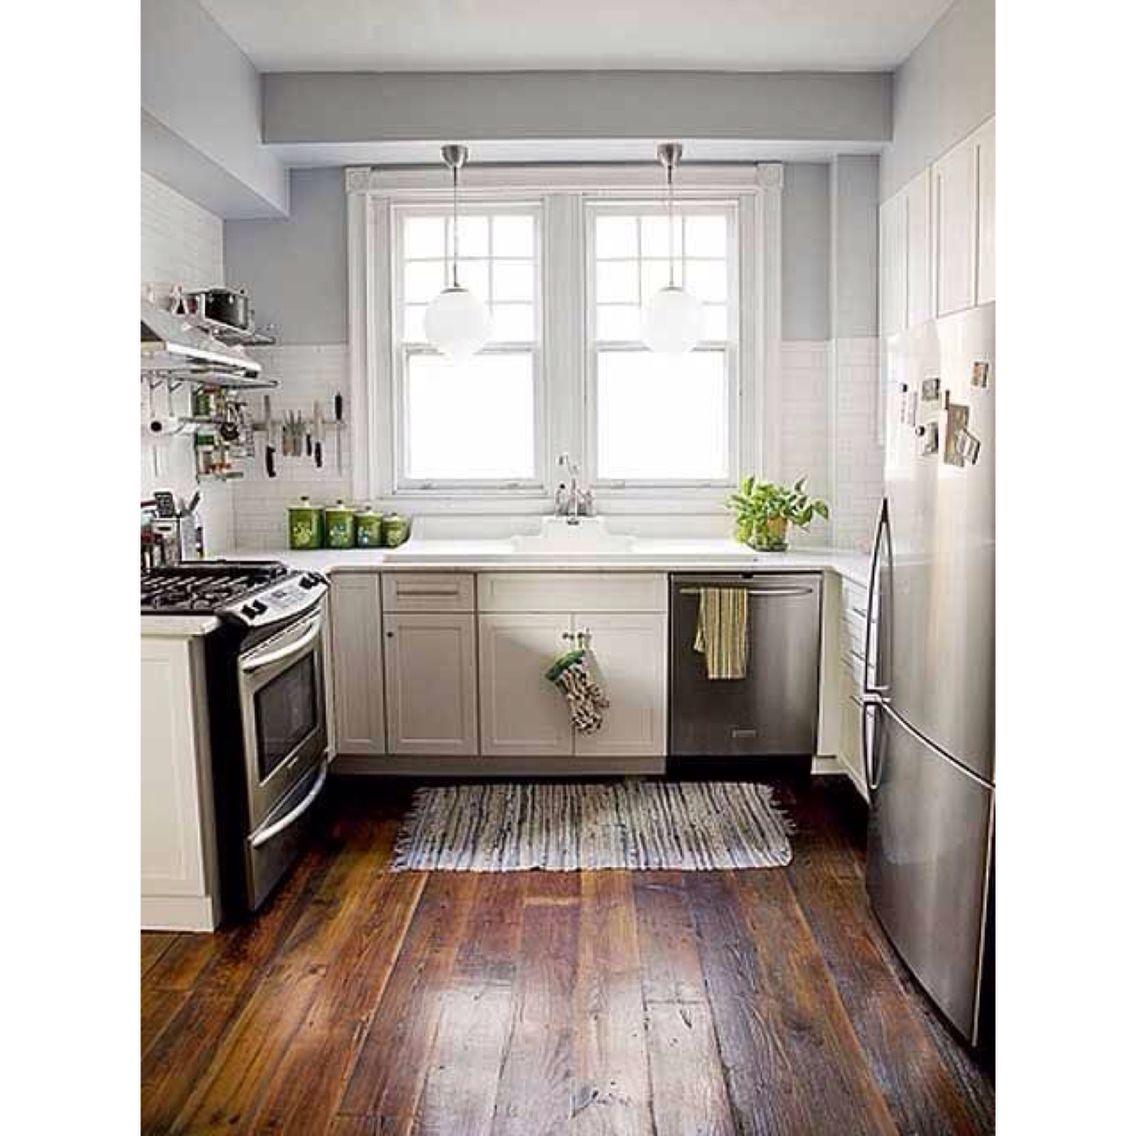 Small kitchen | Casa | Pinterest | Cocina nueva, Ahorrar espacio y ...